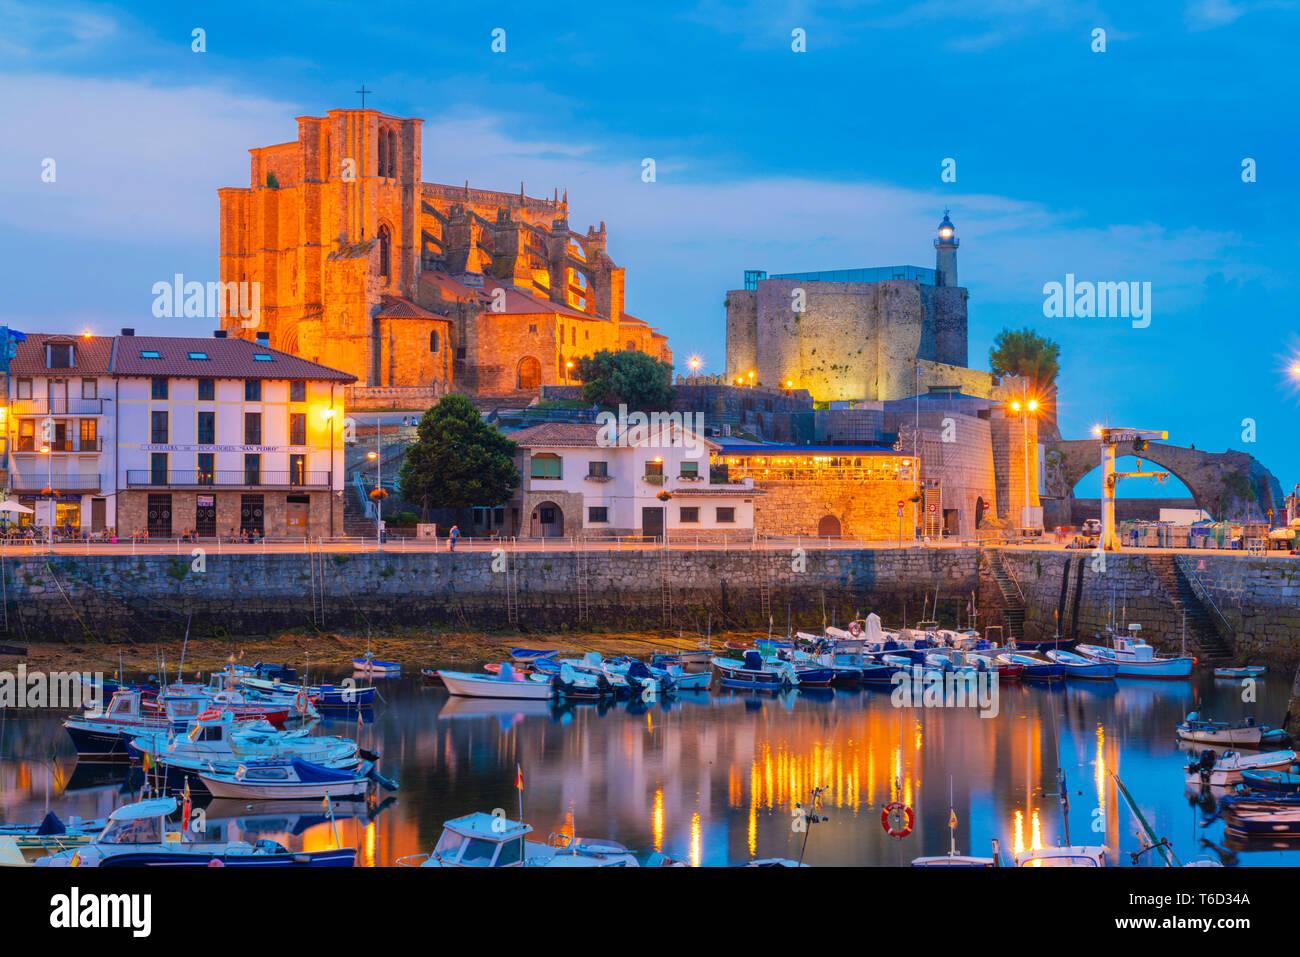 L'Espagne, Cantabria, Castro-Urdiales, port, église Santa Maria et Santa Ana château au crépuscule Banque D'Images